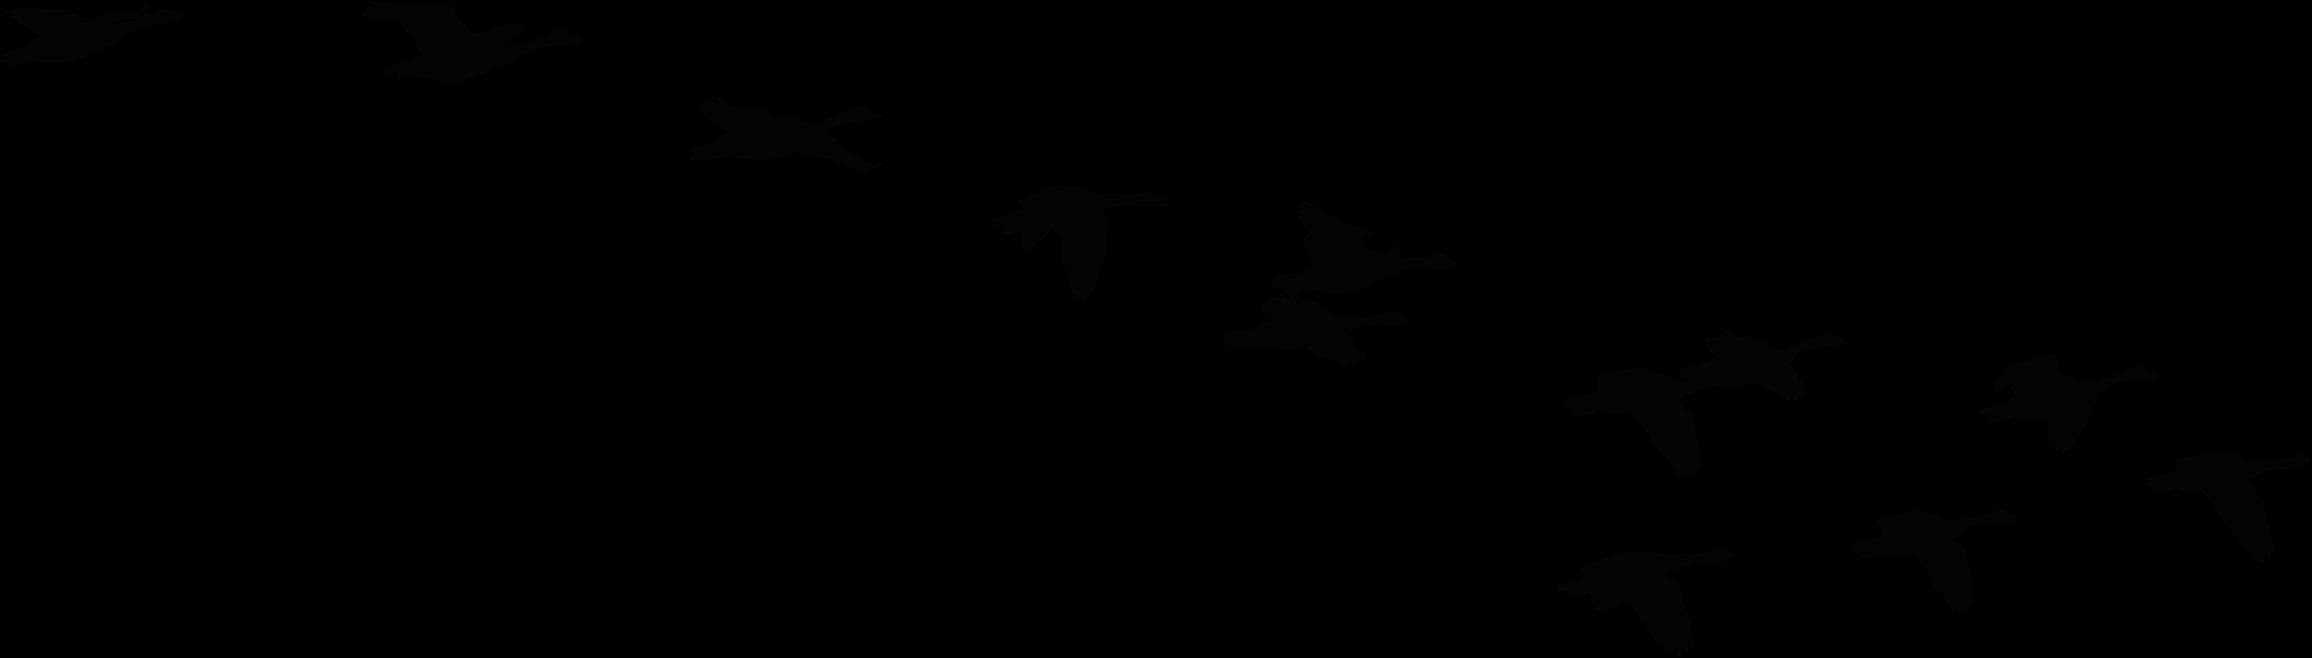 2312x658 Flock Of Birds Clipart Goose